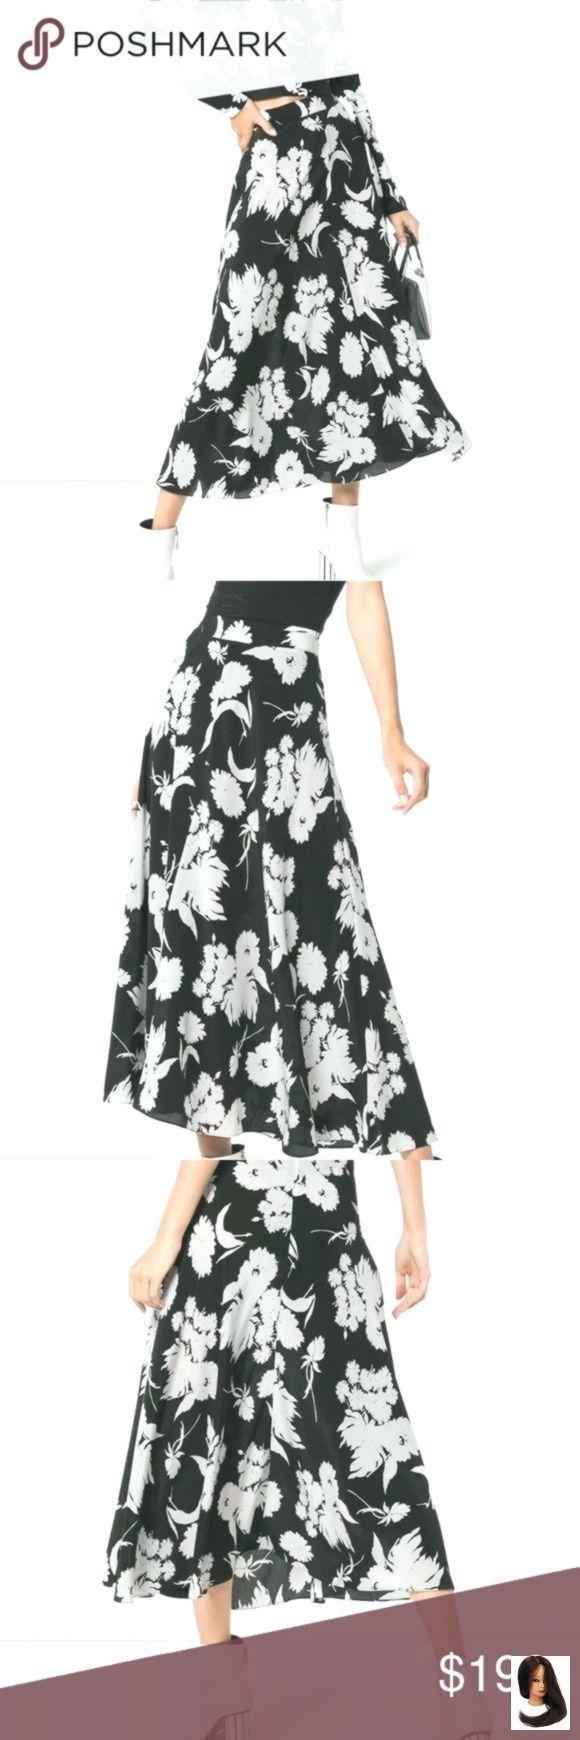 #Black #brandneue #eine #floral #Gann #Ganni #ich #Midirock #silk #silk Midi Skirt #sm #verkaufe #White Ganni Silk Midi Skirt Black and White Floral SM 36 I am selling a brand new Gann...        Ganni Silk Midirock Black and White Floral SM 36 Ich verkaufe einen brandneuen Ganni Kochhar Floral Silk Rock in einem Schwarz-Weiß-Muster in Größe 36. Dieser mittellange Rock hat eine hohe Leibhöhe und eine ausgestellte Form. Dies ist 100% Seide. Taille ist 28 #mittellangeröcke #Black #brandneue #e #mittellangeröcke